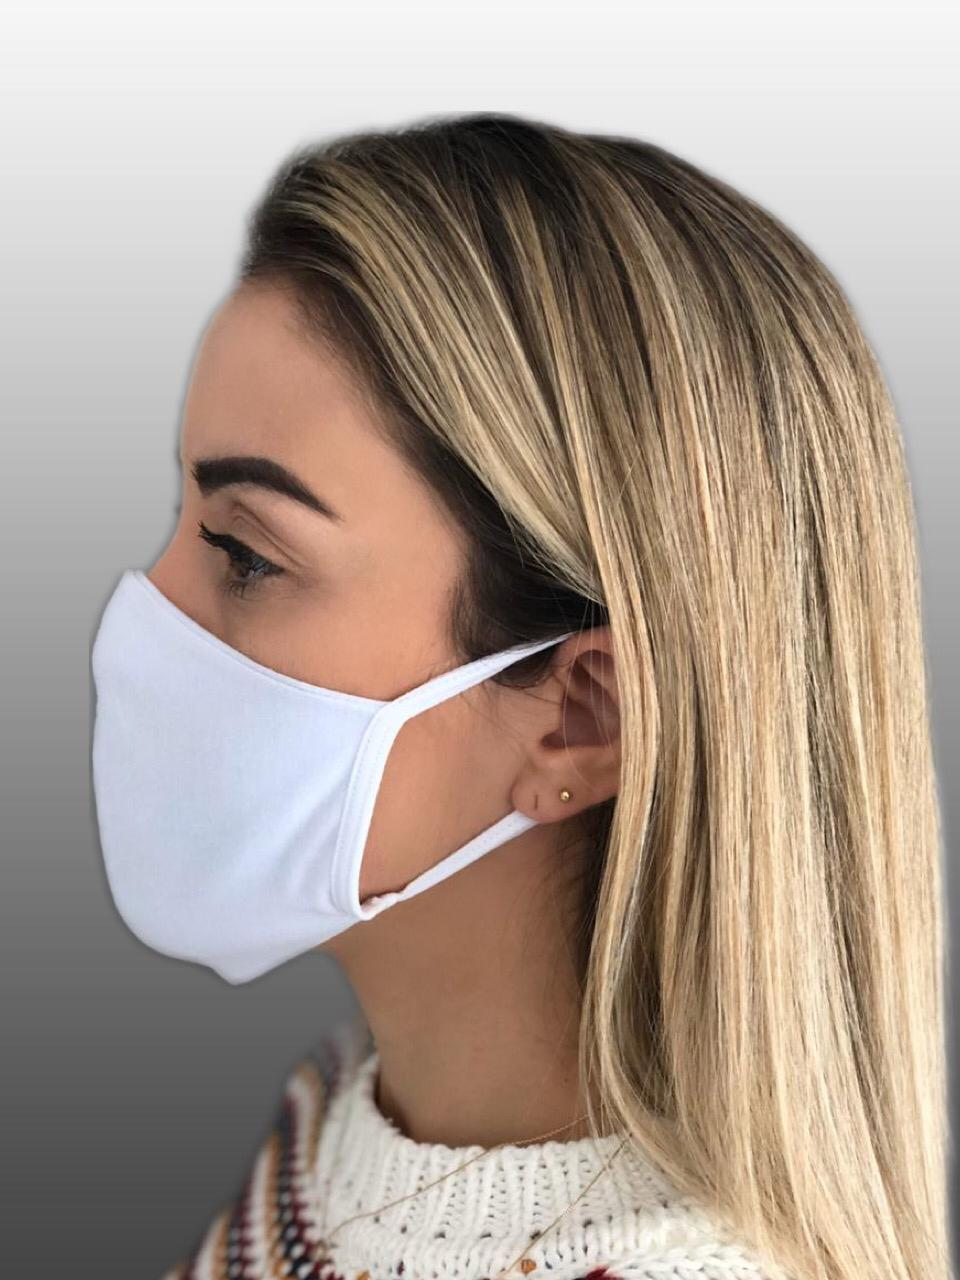 Máscara 100% Algodão Reutilizável Kit c/ 100 unidades